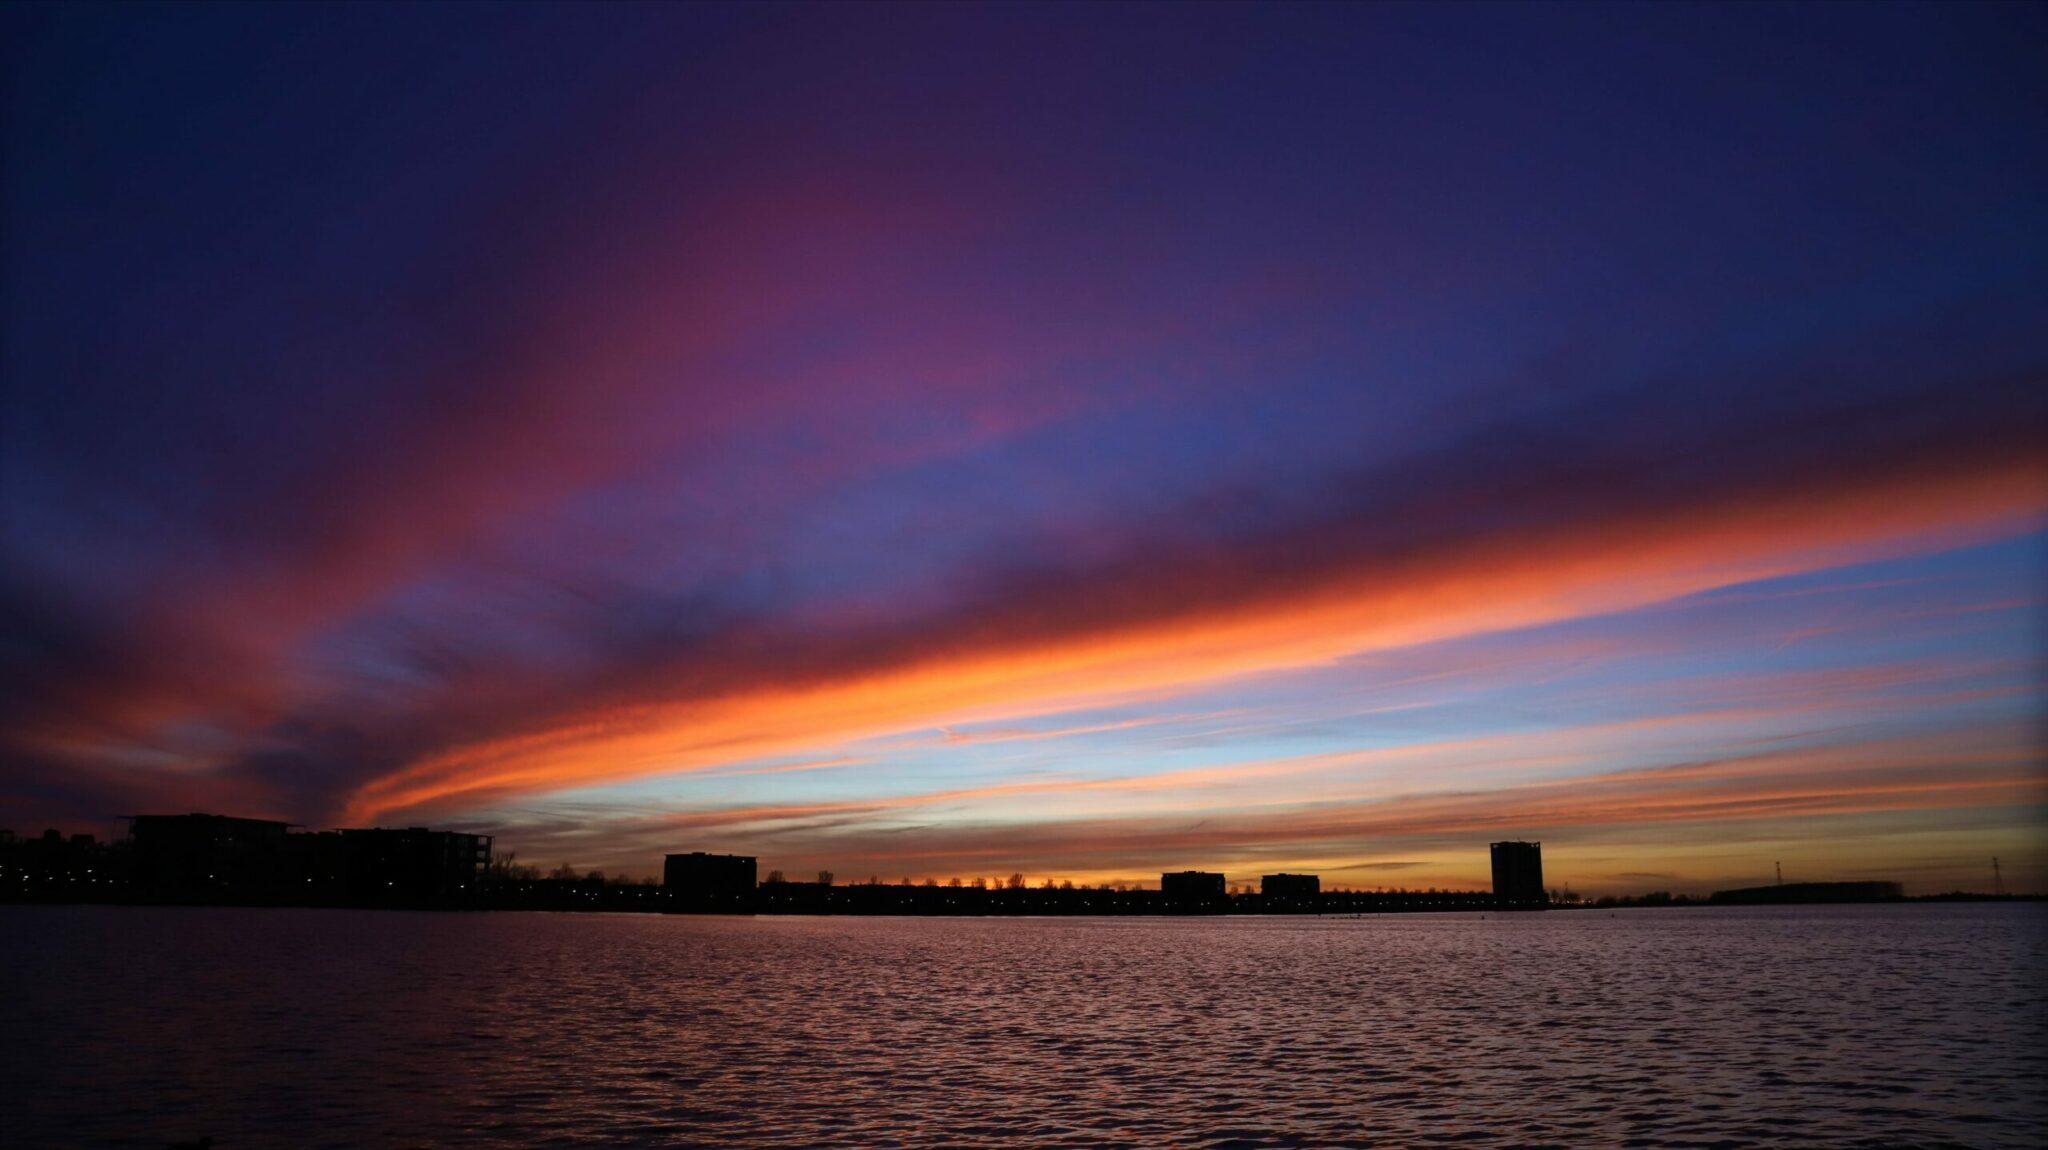 mooi lucht roze lucht rode lucht binnenschelde zonsopkomst zonsondergang natuur water meer flat